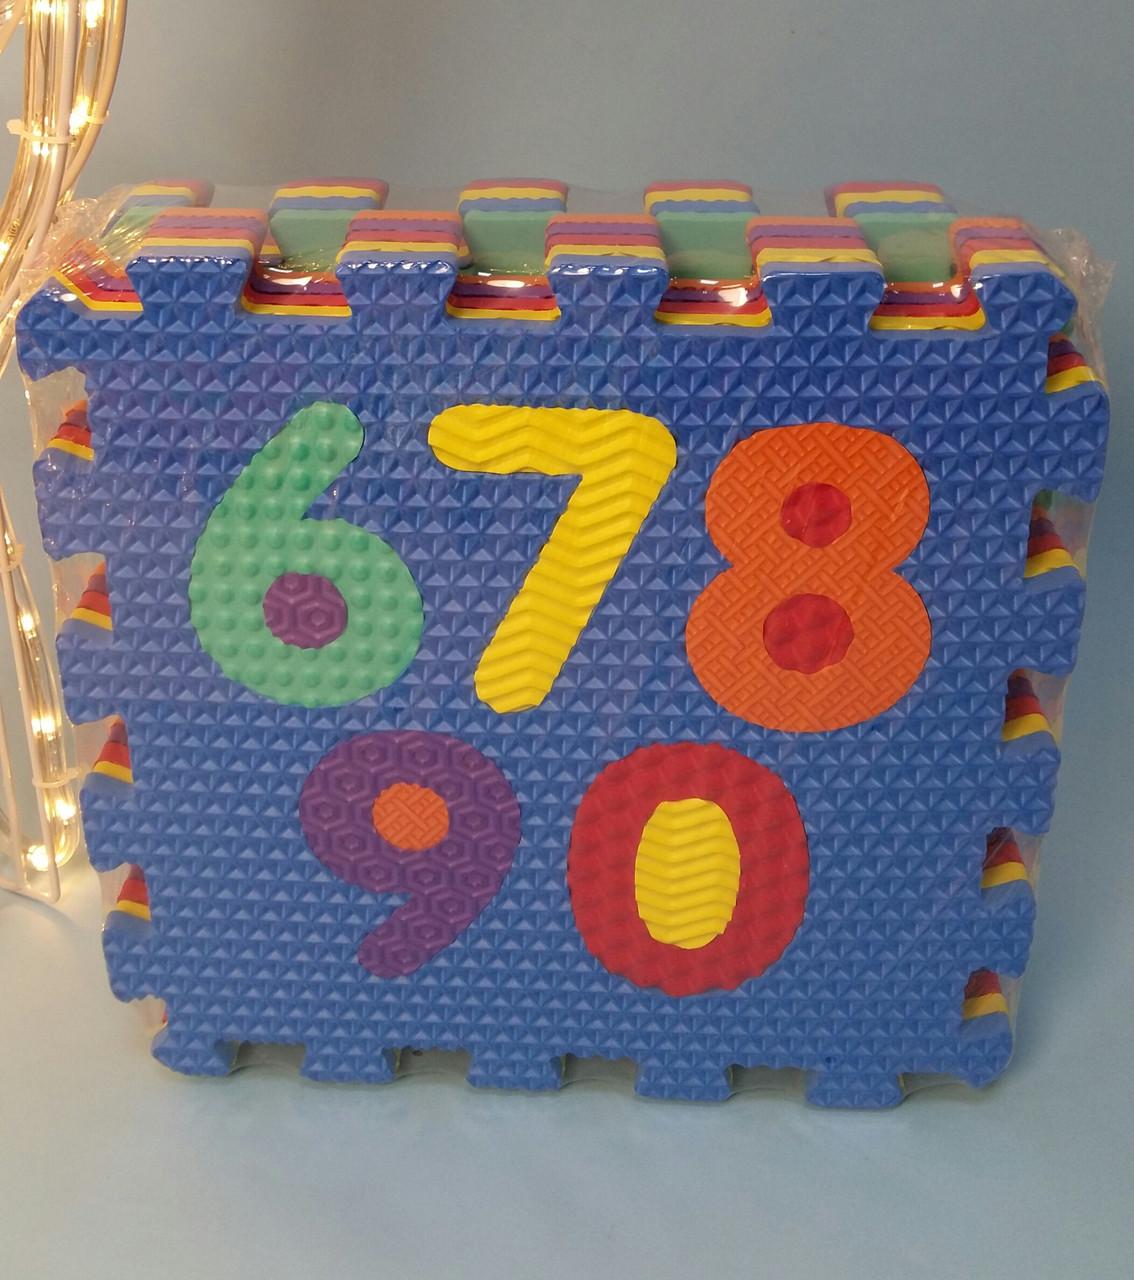 М'який килимок мозаїка пазли M 2609 Цифри